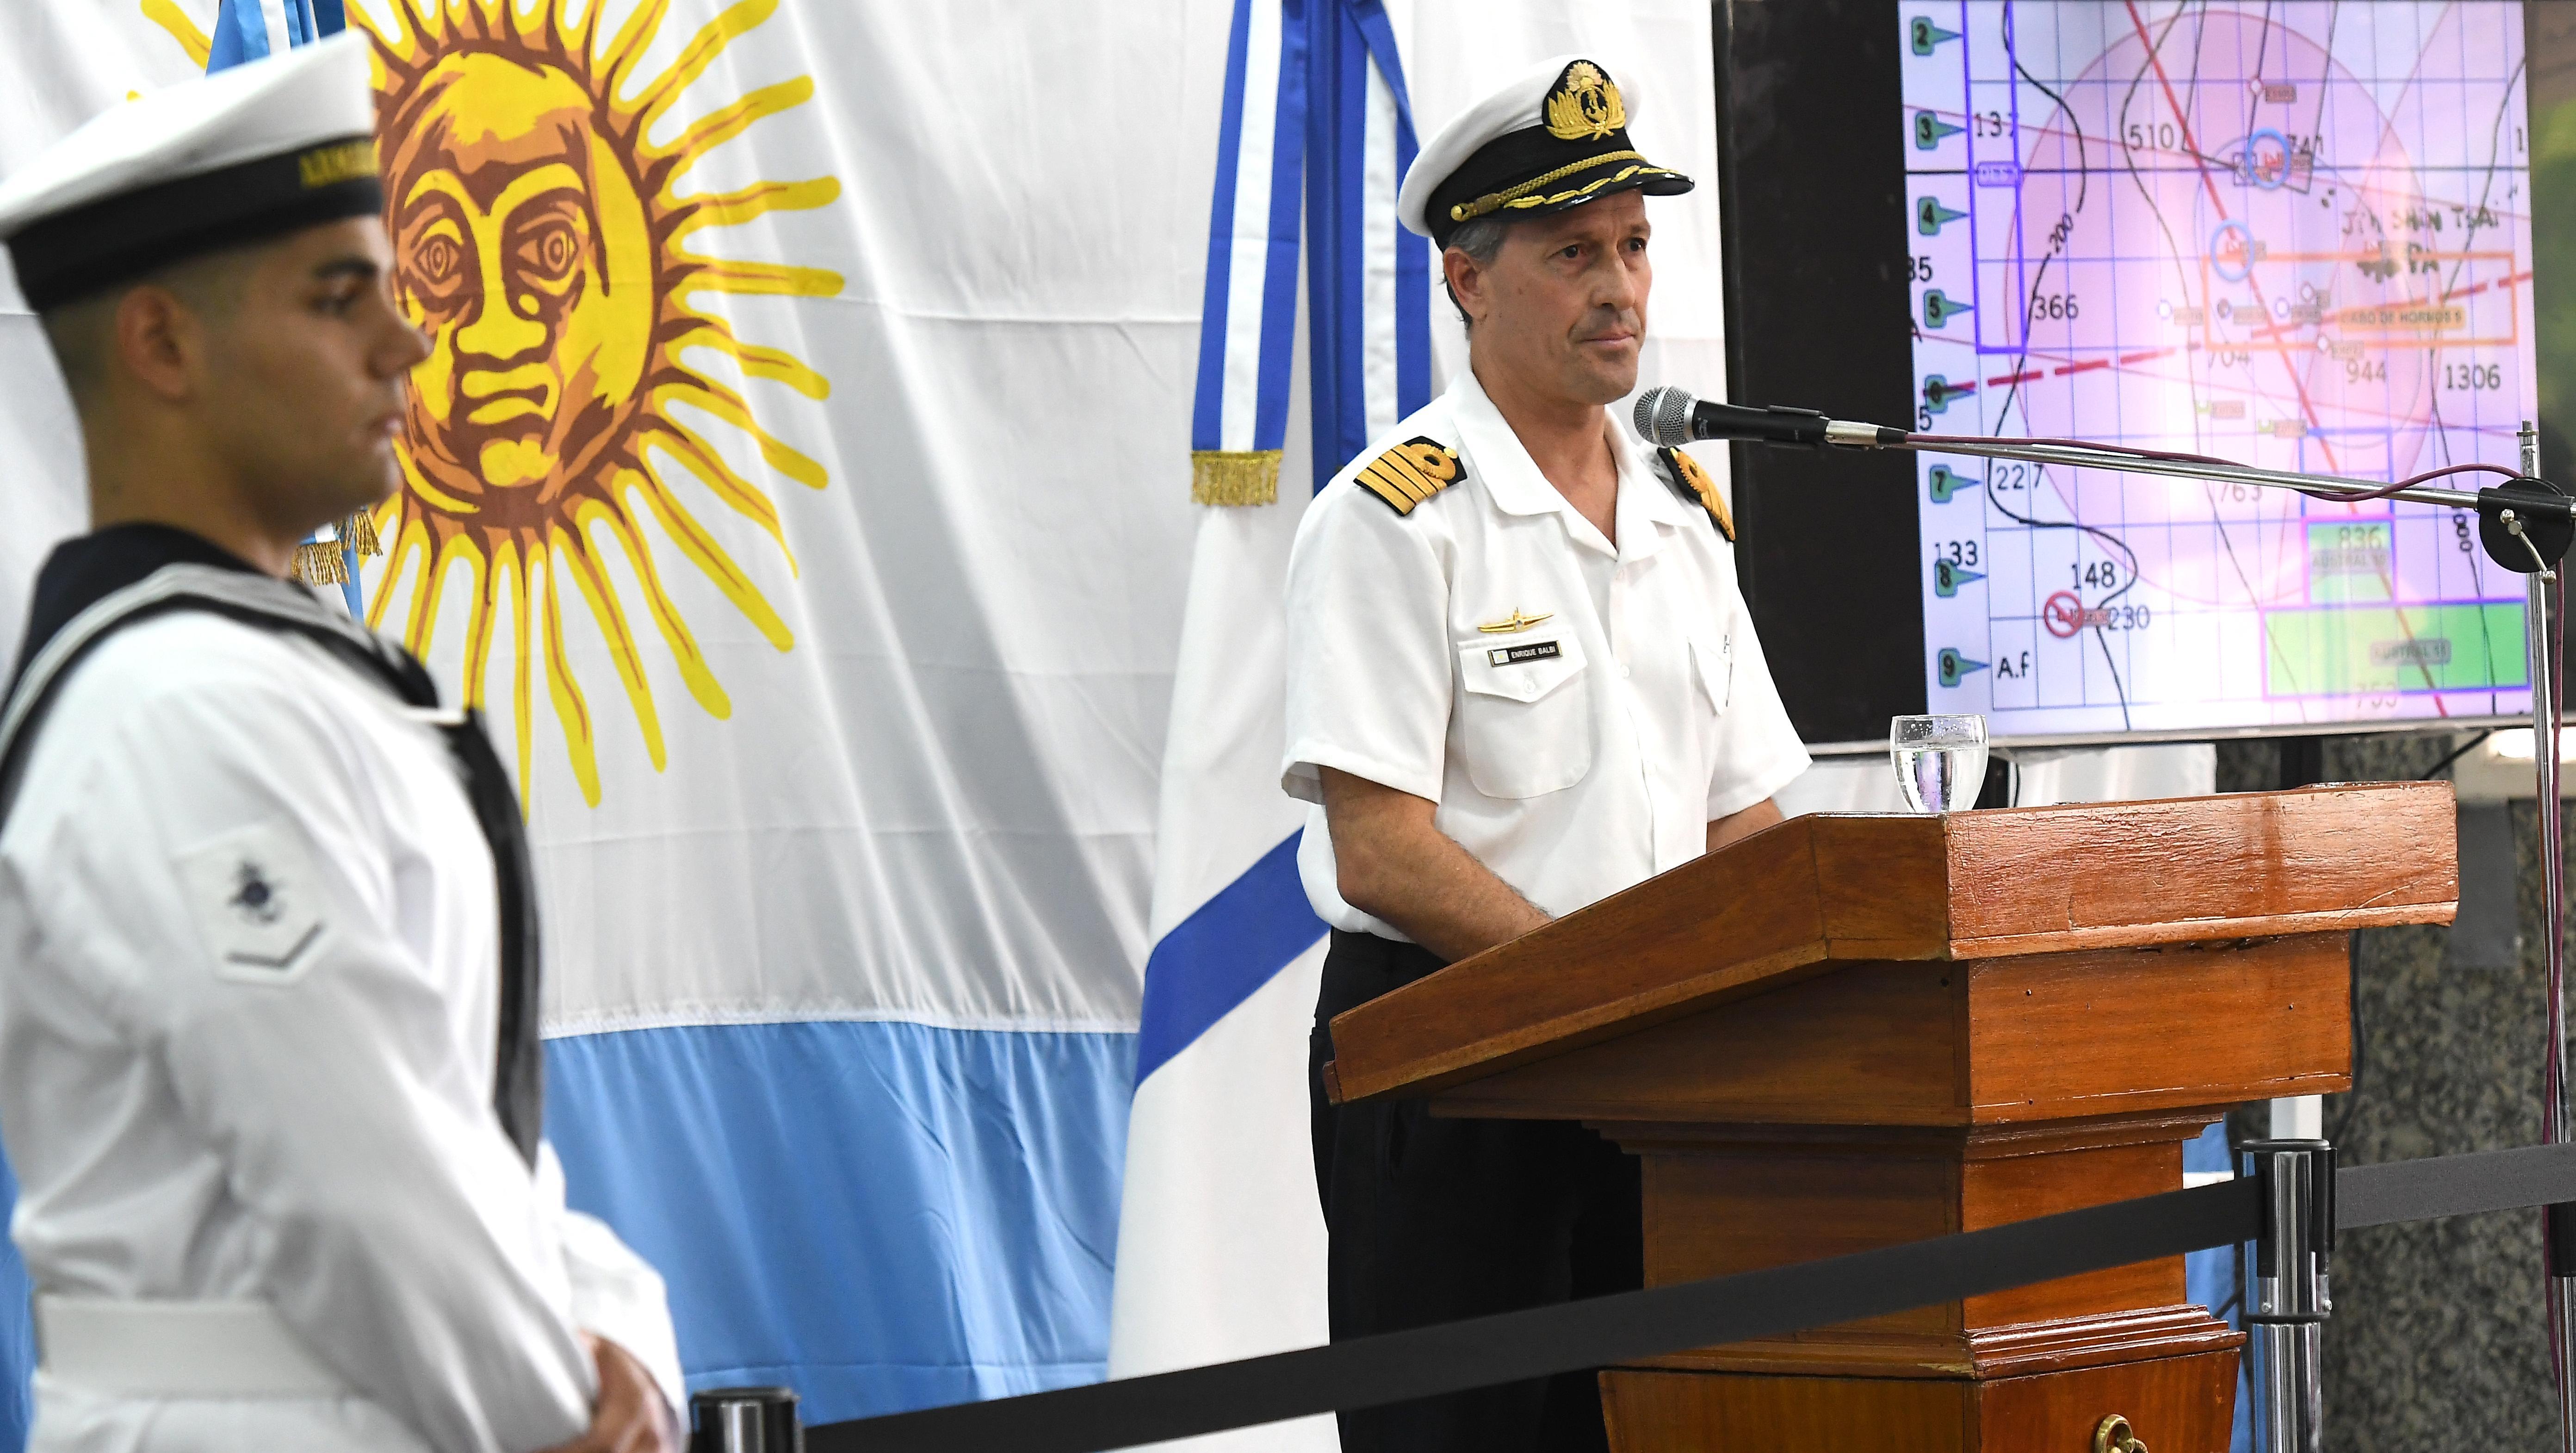 El vocero de la fuerza naval, capitán Enrique Balbi, en conferencia de prensa.